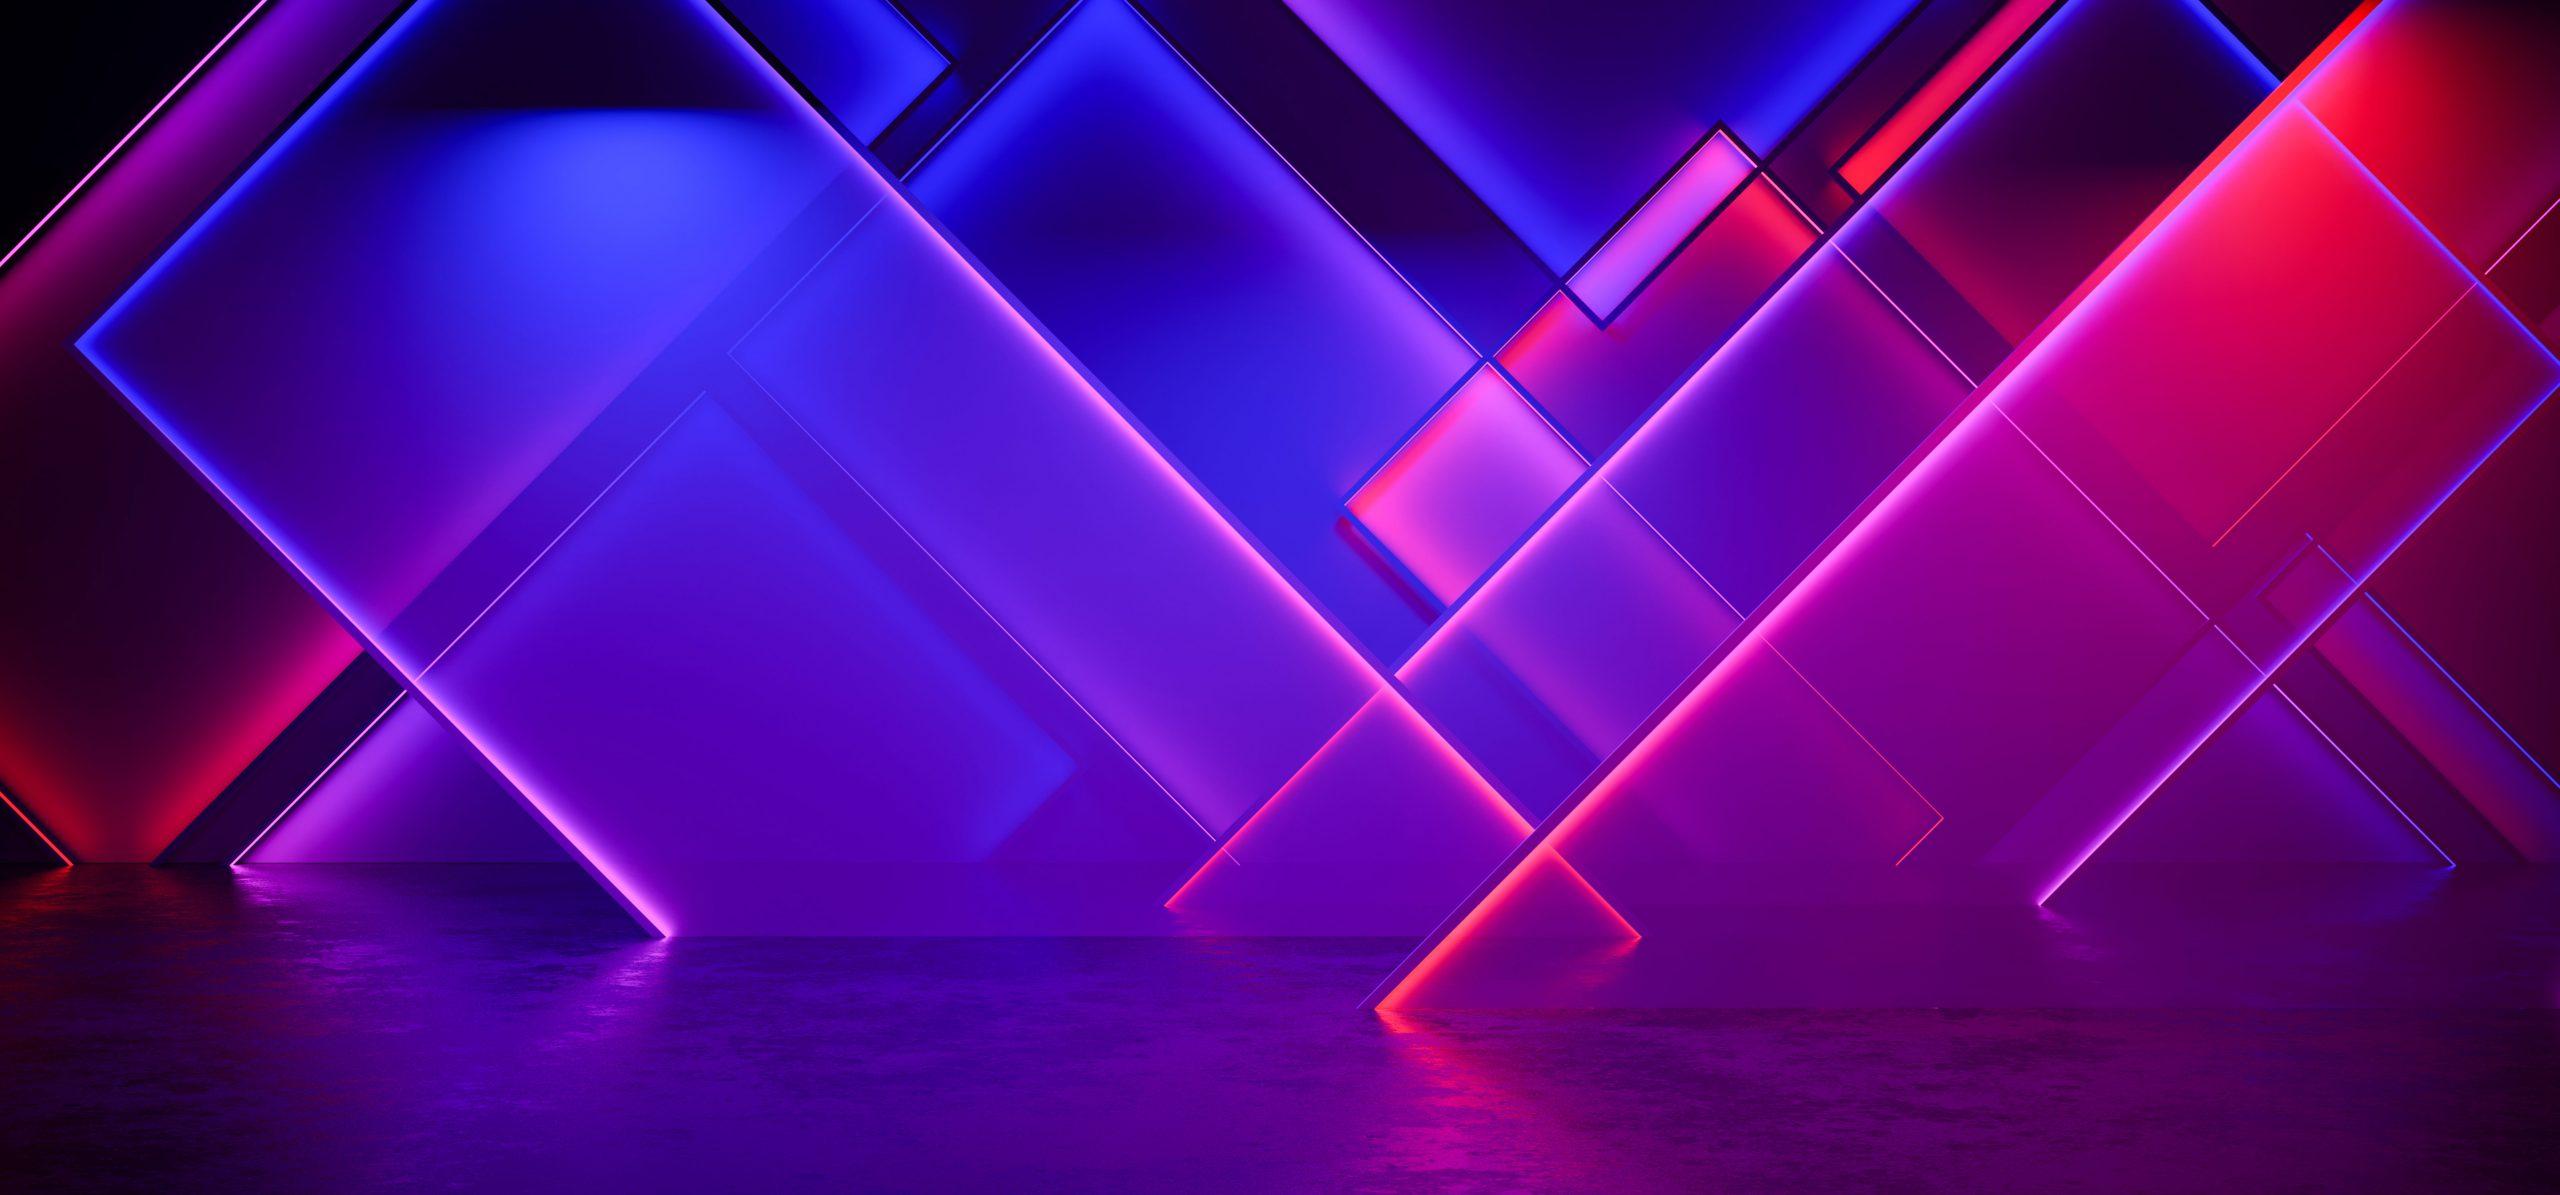 fond fluorescent